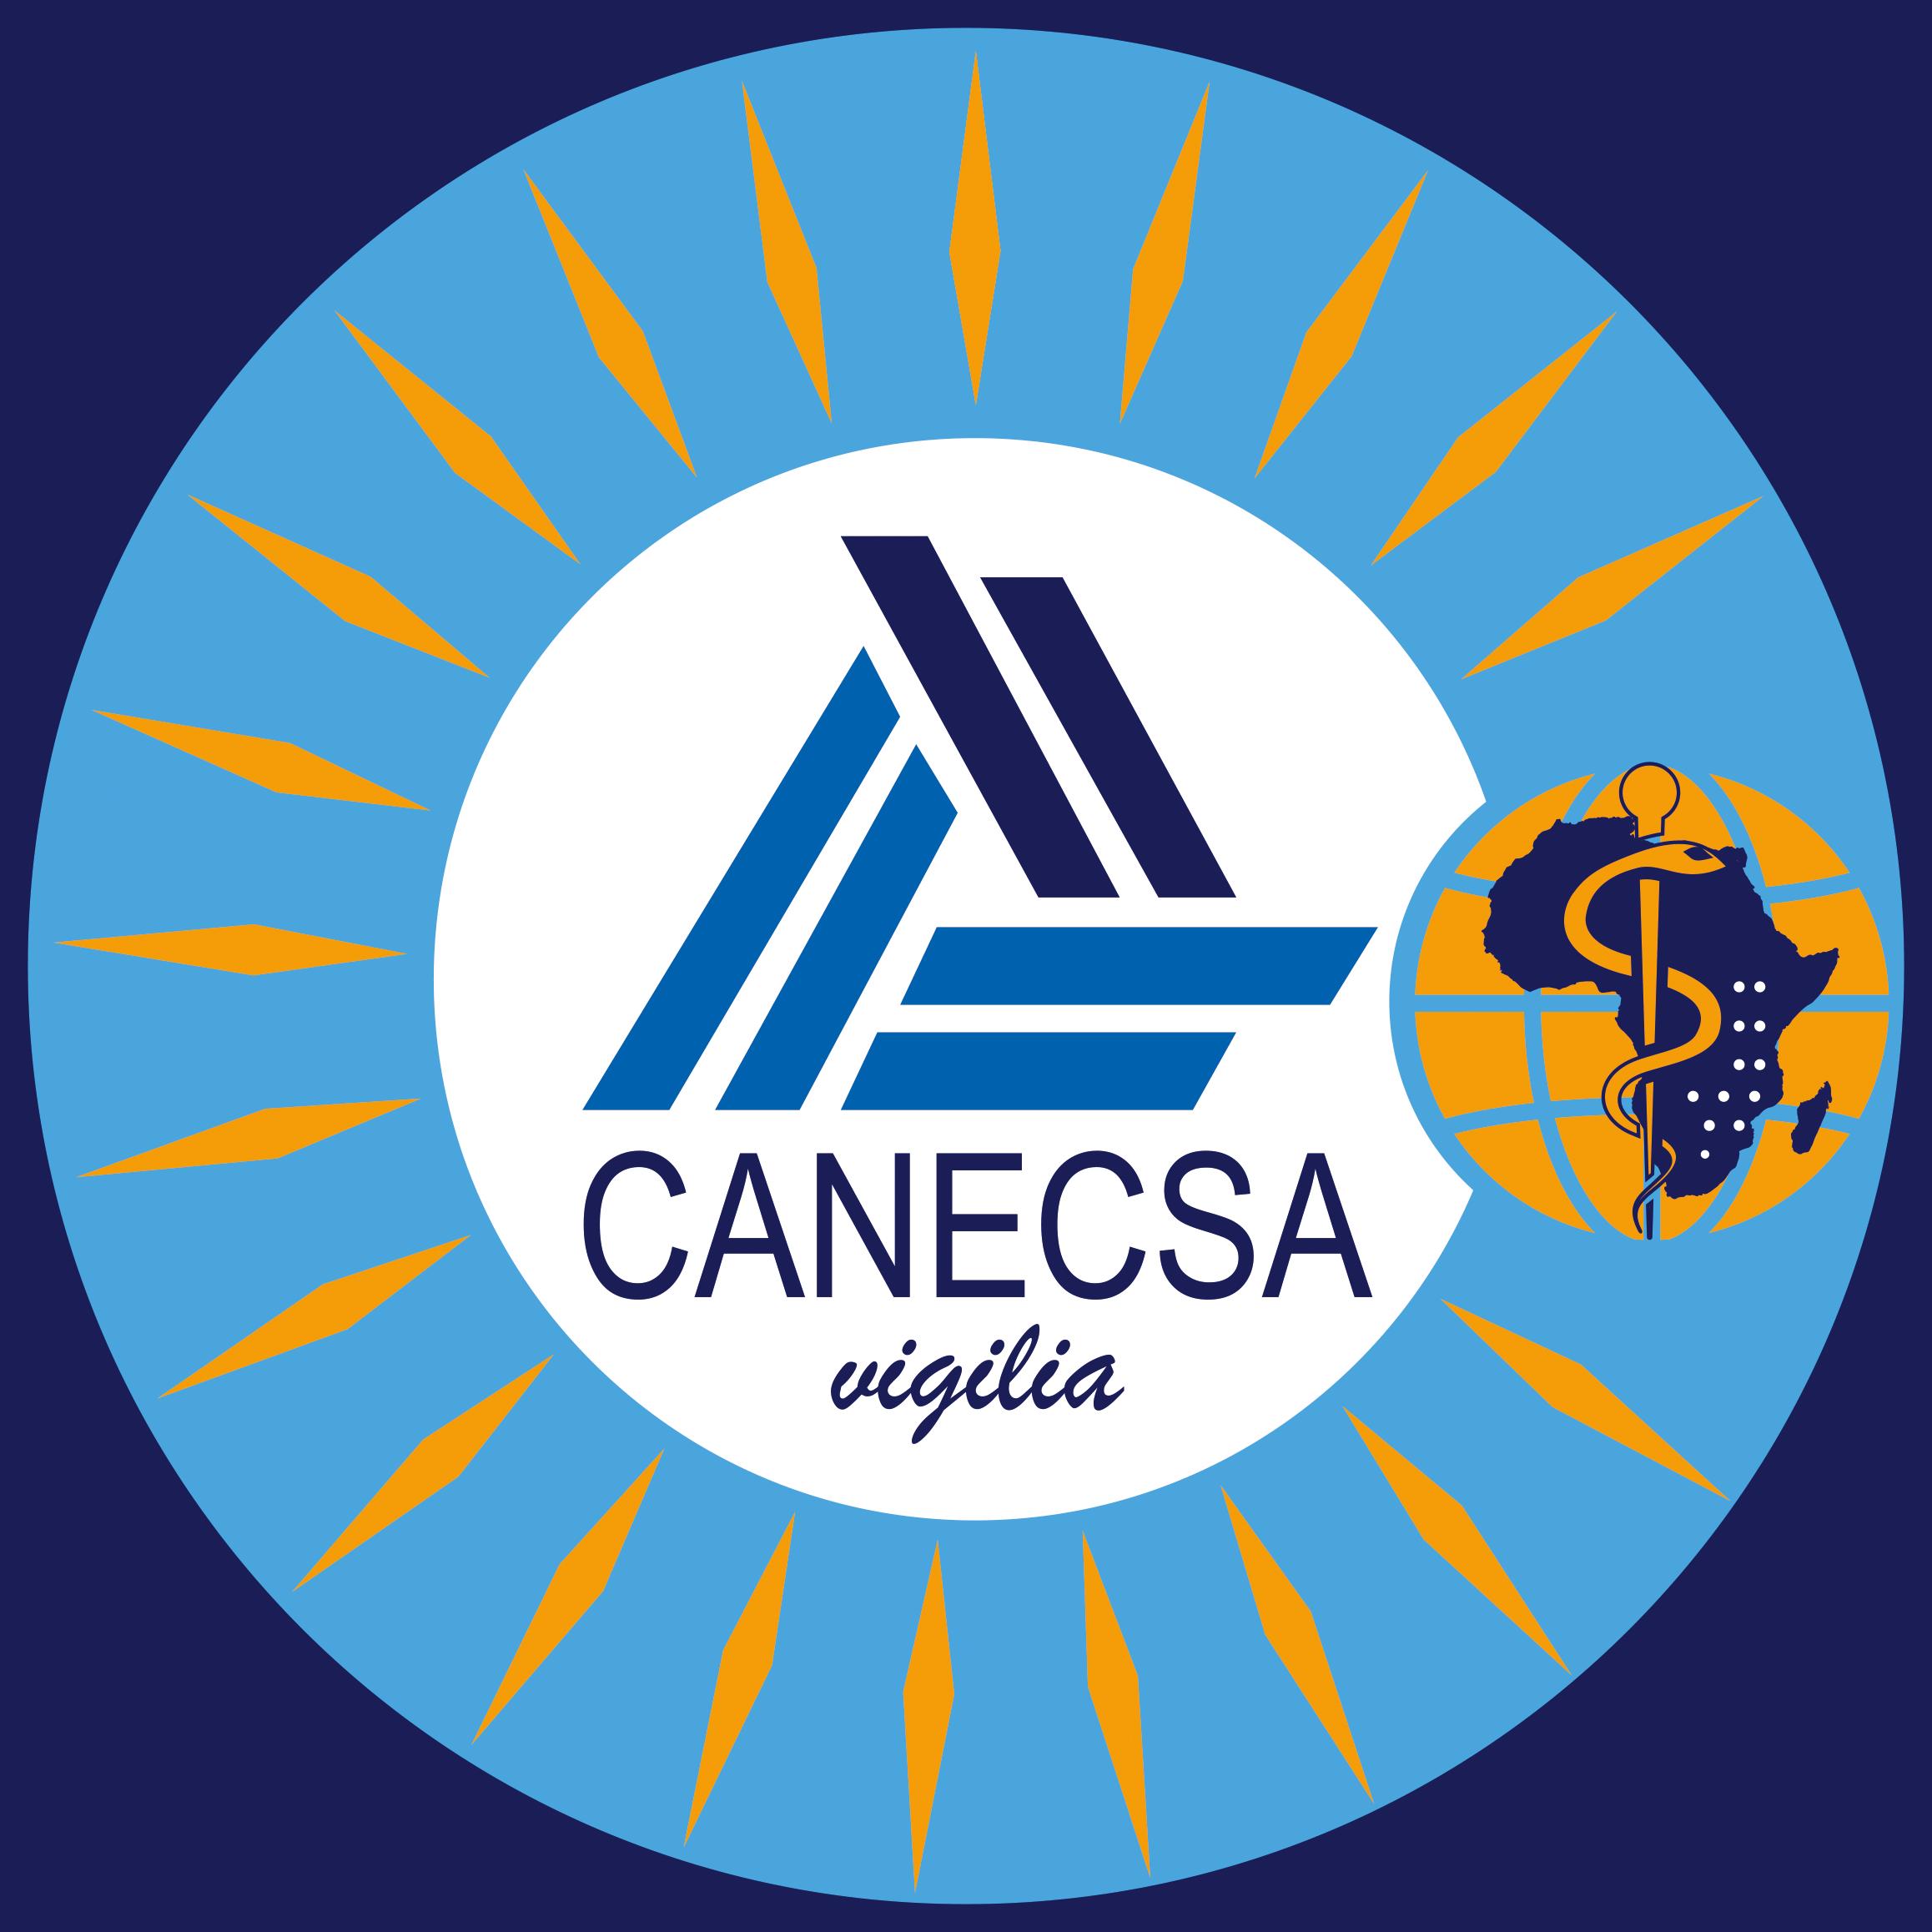 CANESCA